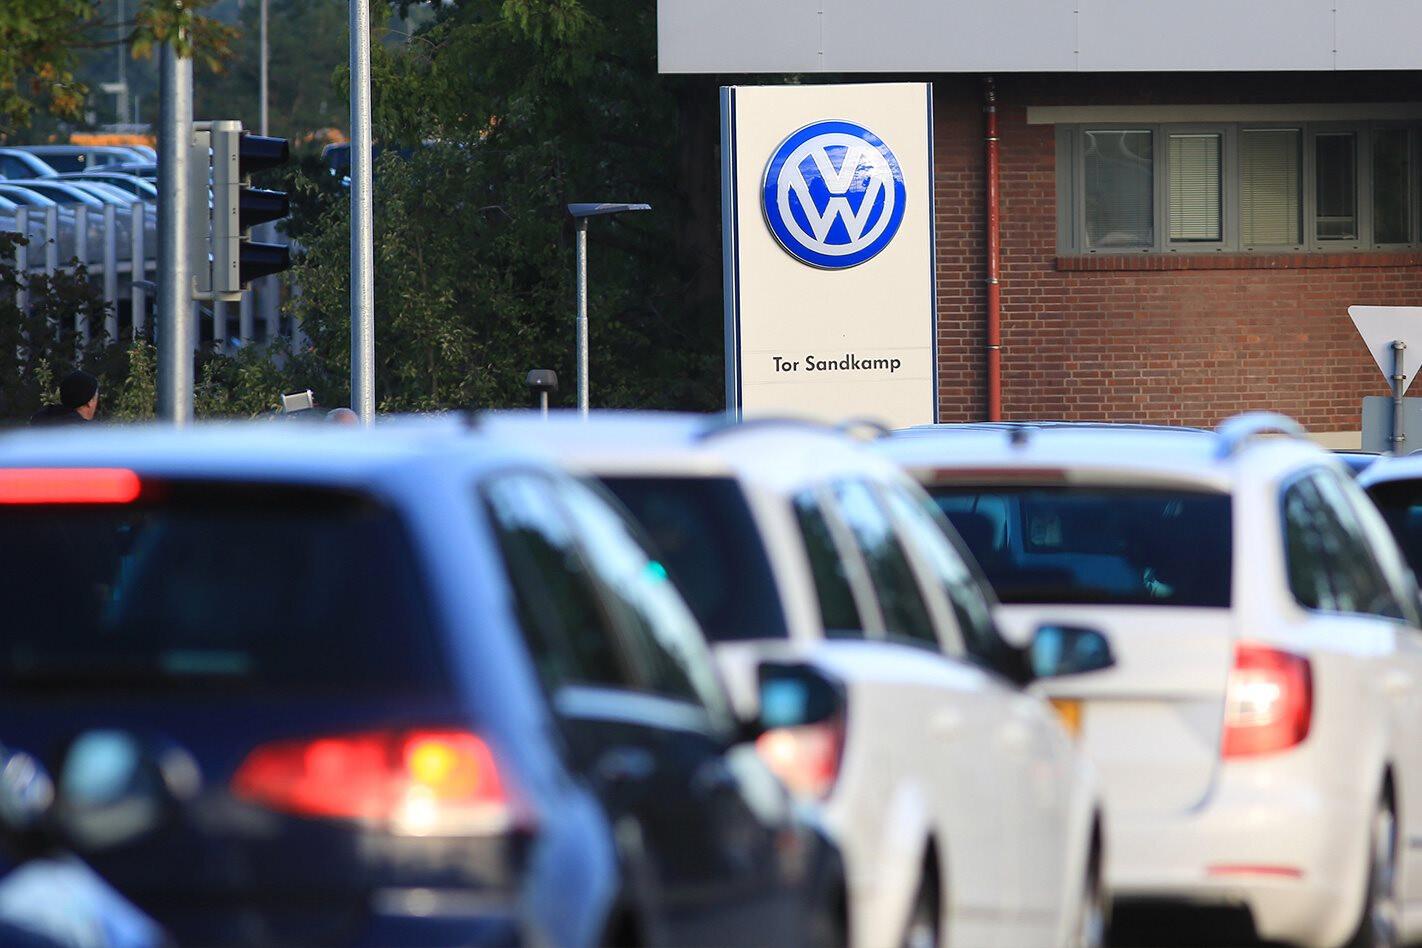 VW confirms huge Dieselgate recall